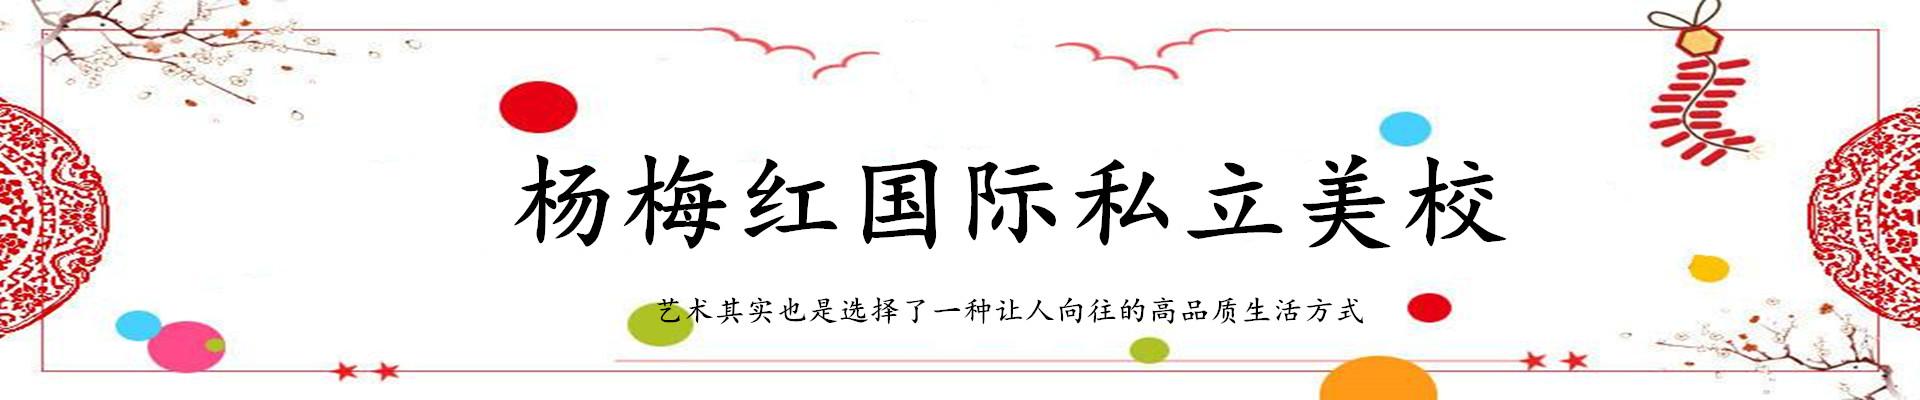 深圳万科广场杨梅红国际私立美校